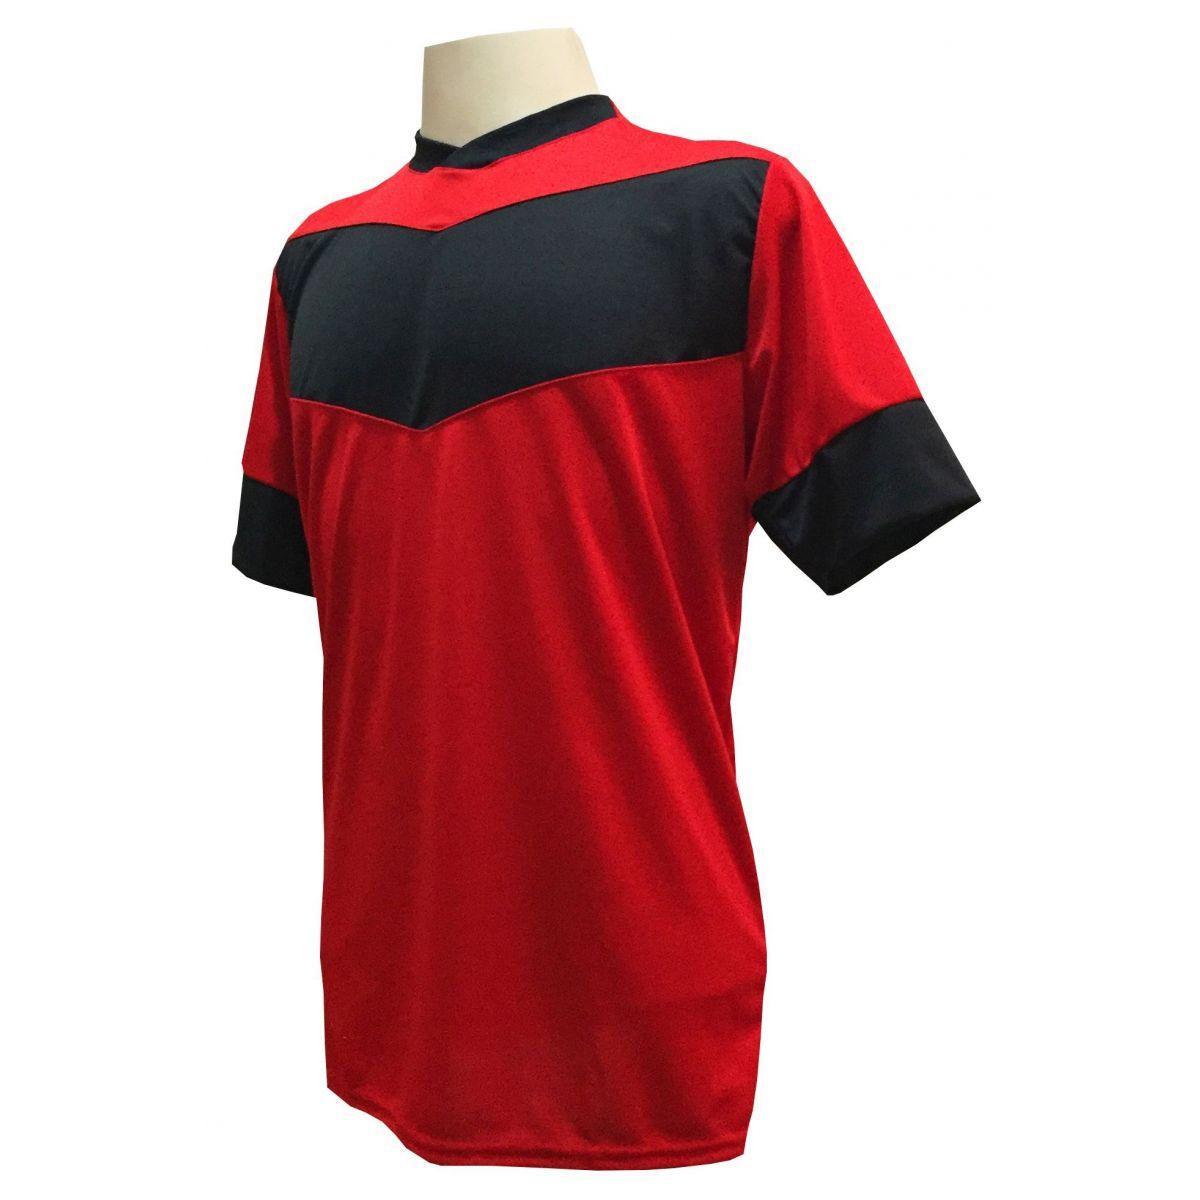 Jogo de Camisa com 18 unidades modelo Columbus Vermelho/Preto + Brindes